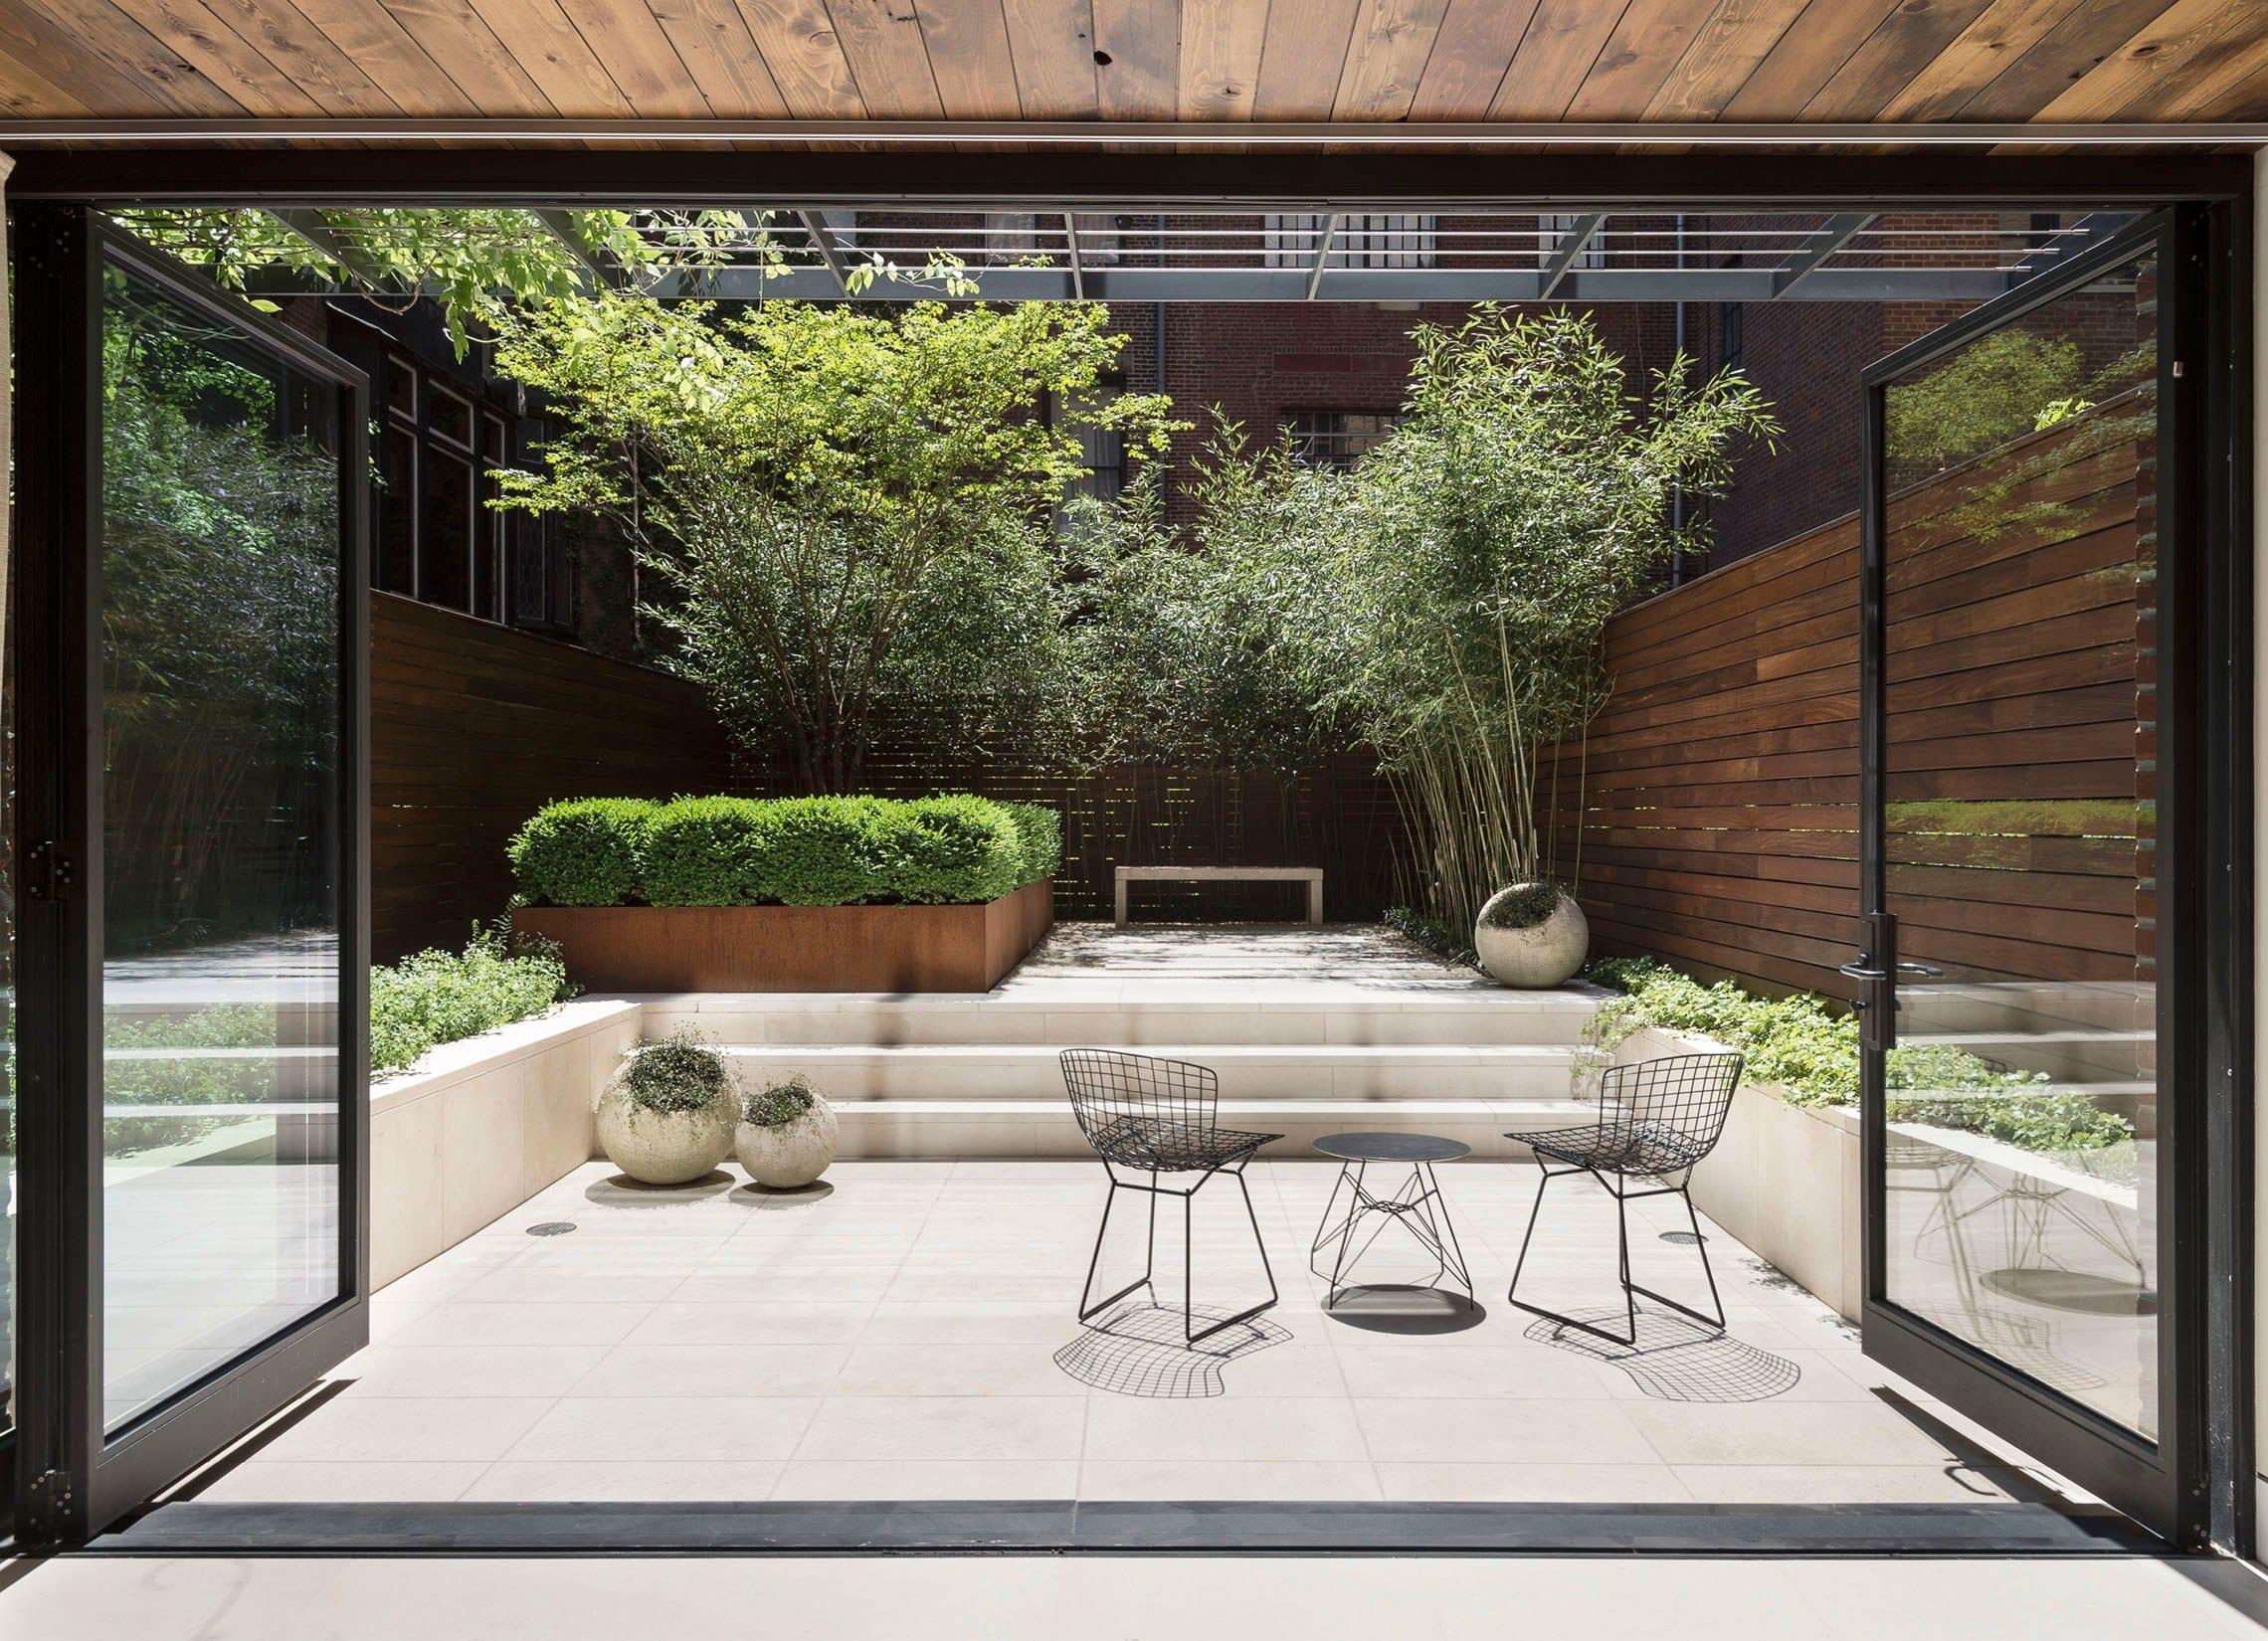 Il design per il patio è minimal per chi cerca l'essenziale